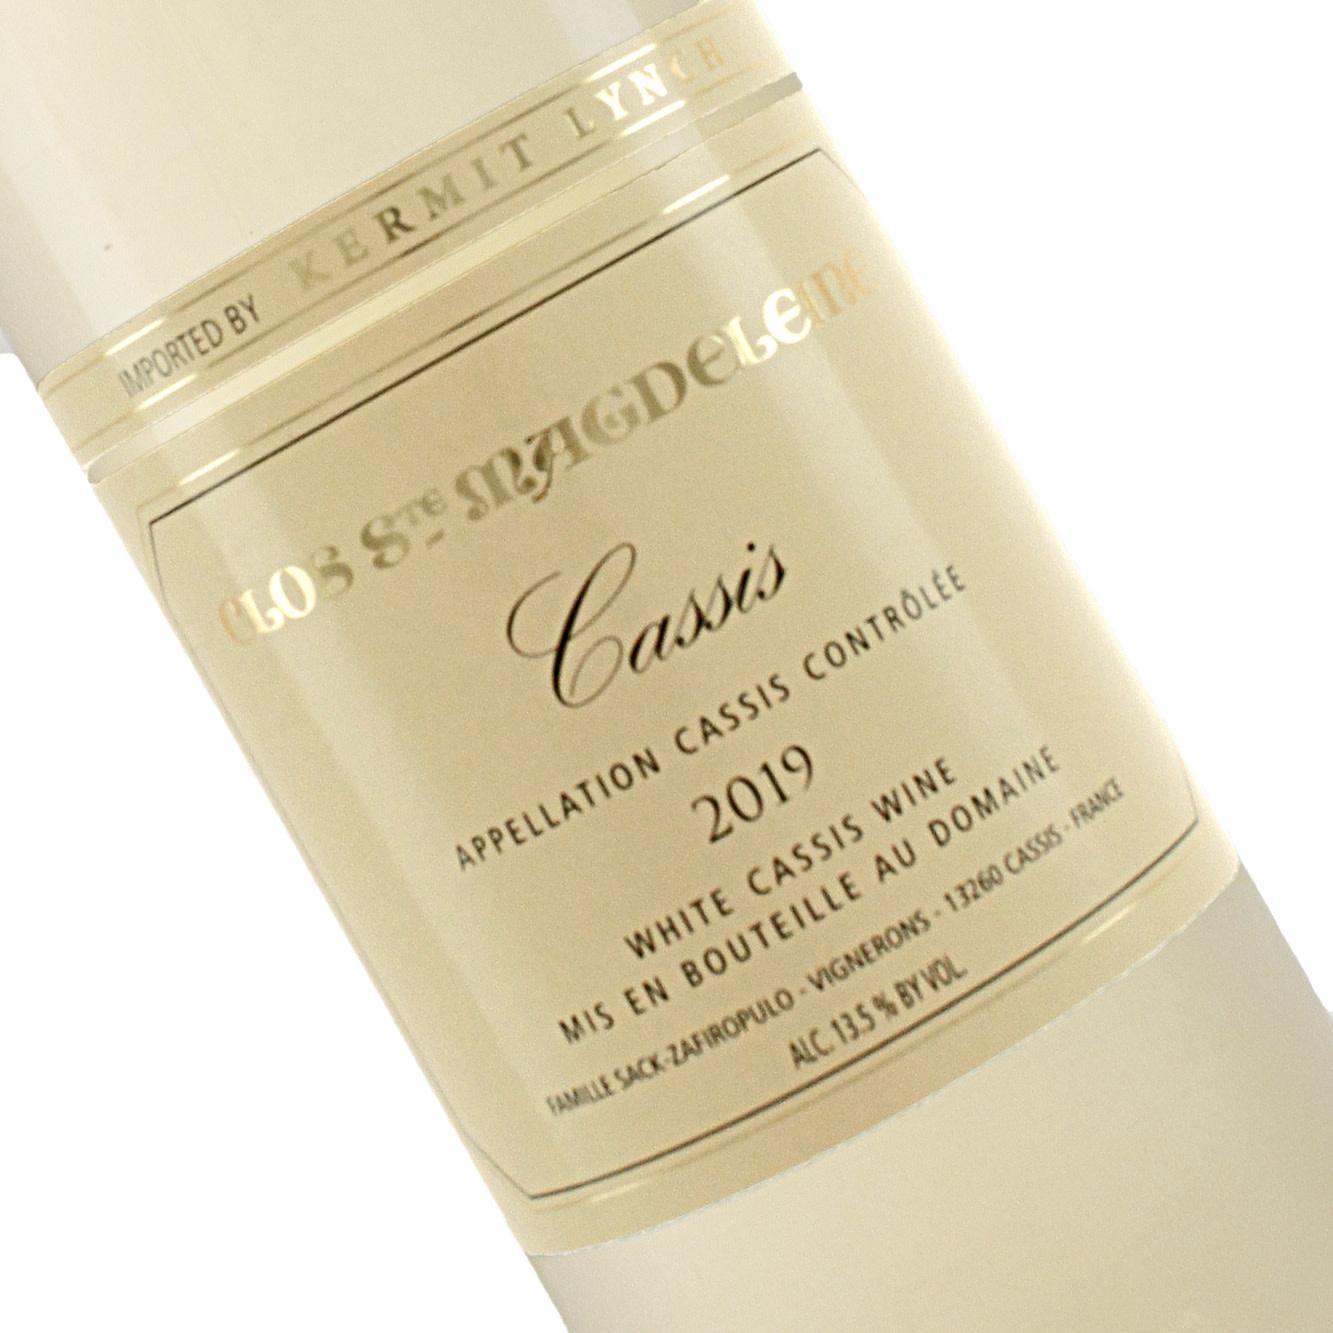 Clos Sainte Magdeleine 2019 Cassis Blanc, Provence